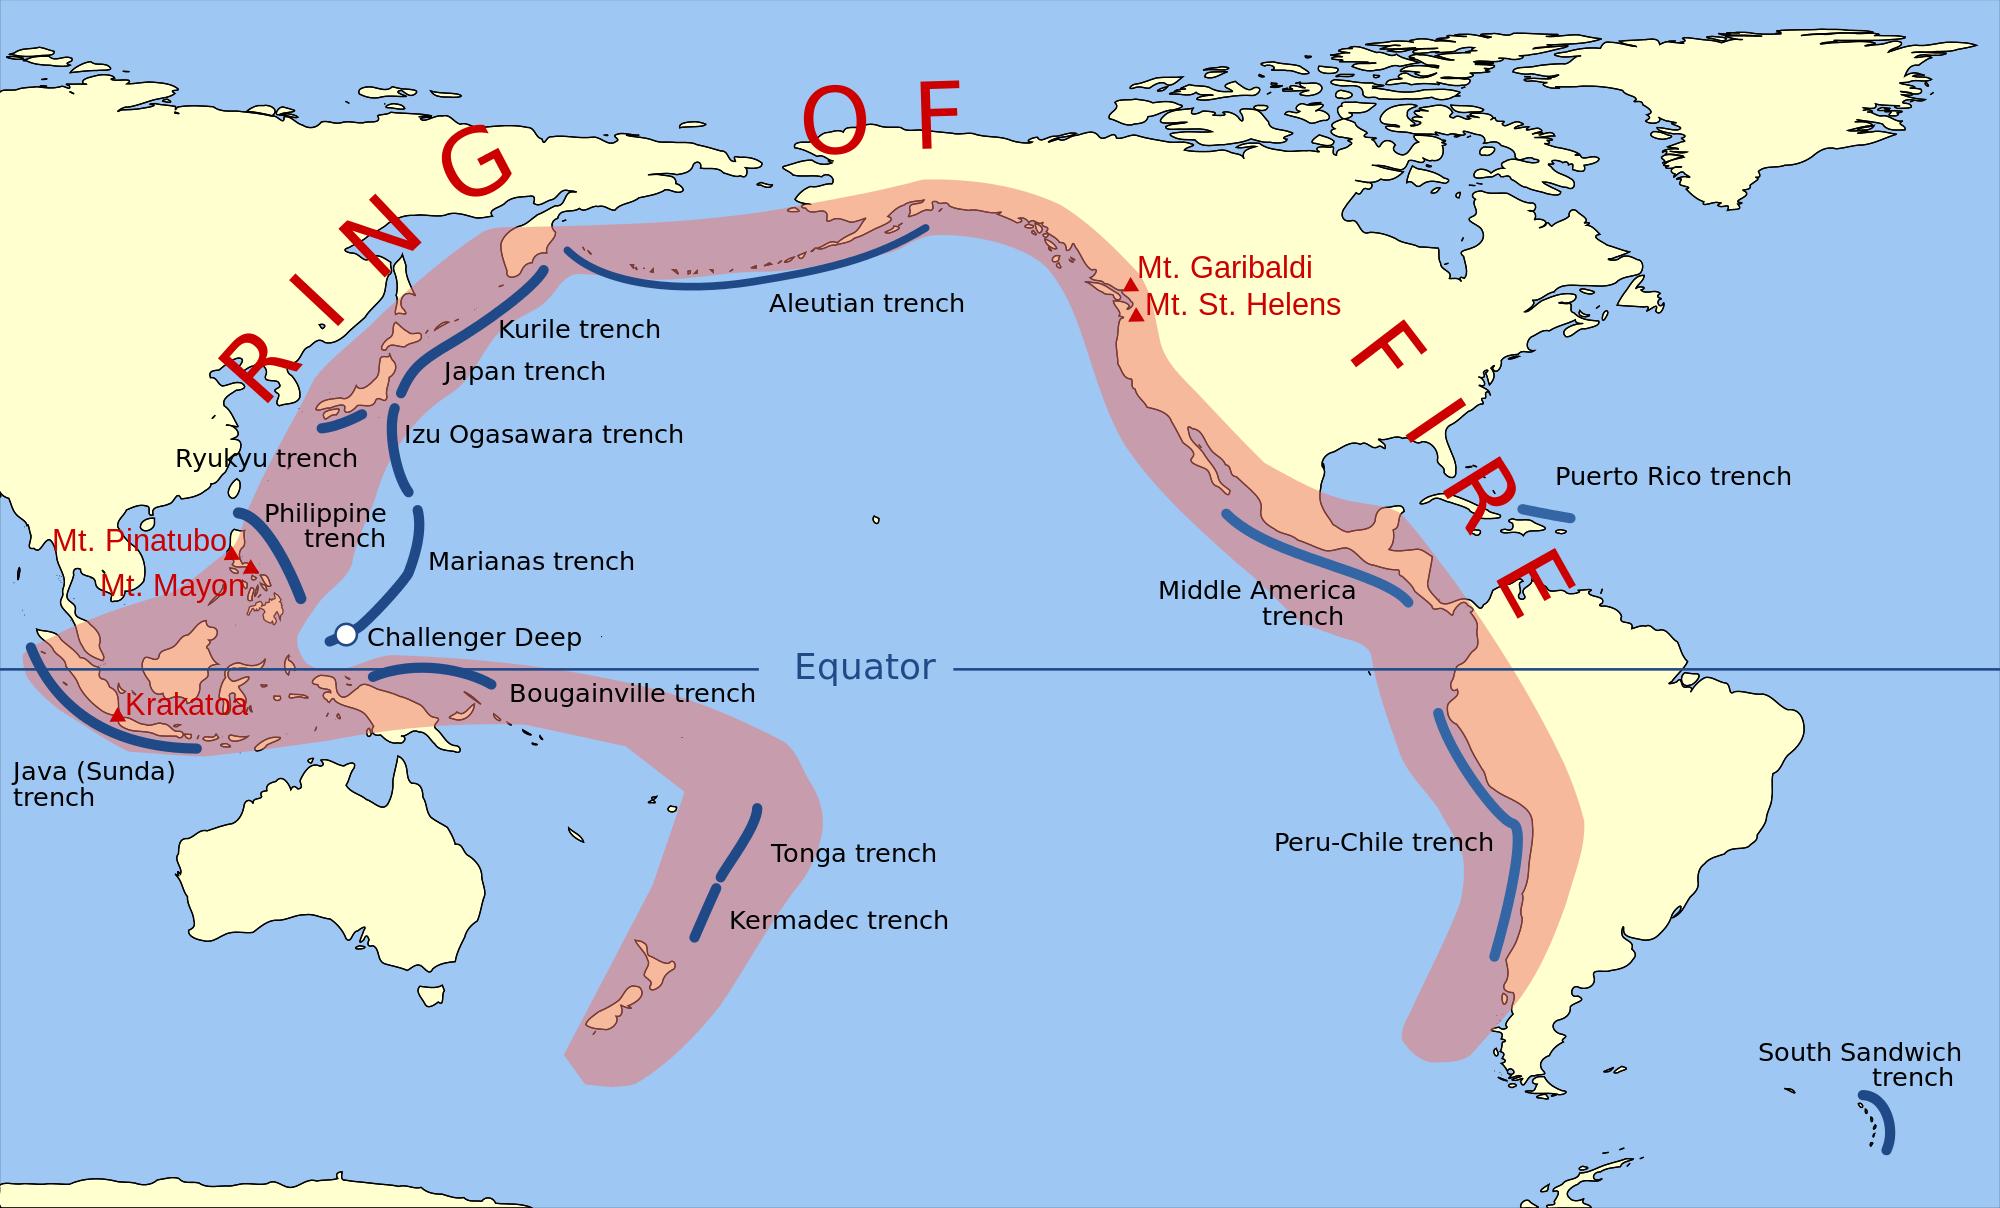 tremblement de terre chili février 2016, tremblement de terre coquimbo chile, tremblement de terre février antofagasta 2016, augmentant tremblement de terre du Chili février 2016, La tranchée Pérou-Chili fait partie de l'Anneau de feu du Pacifique.